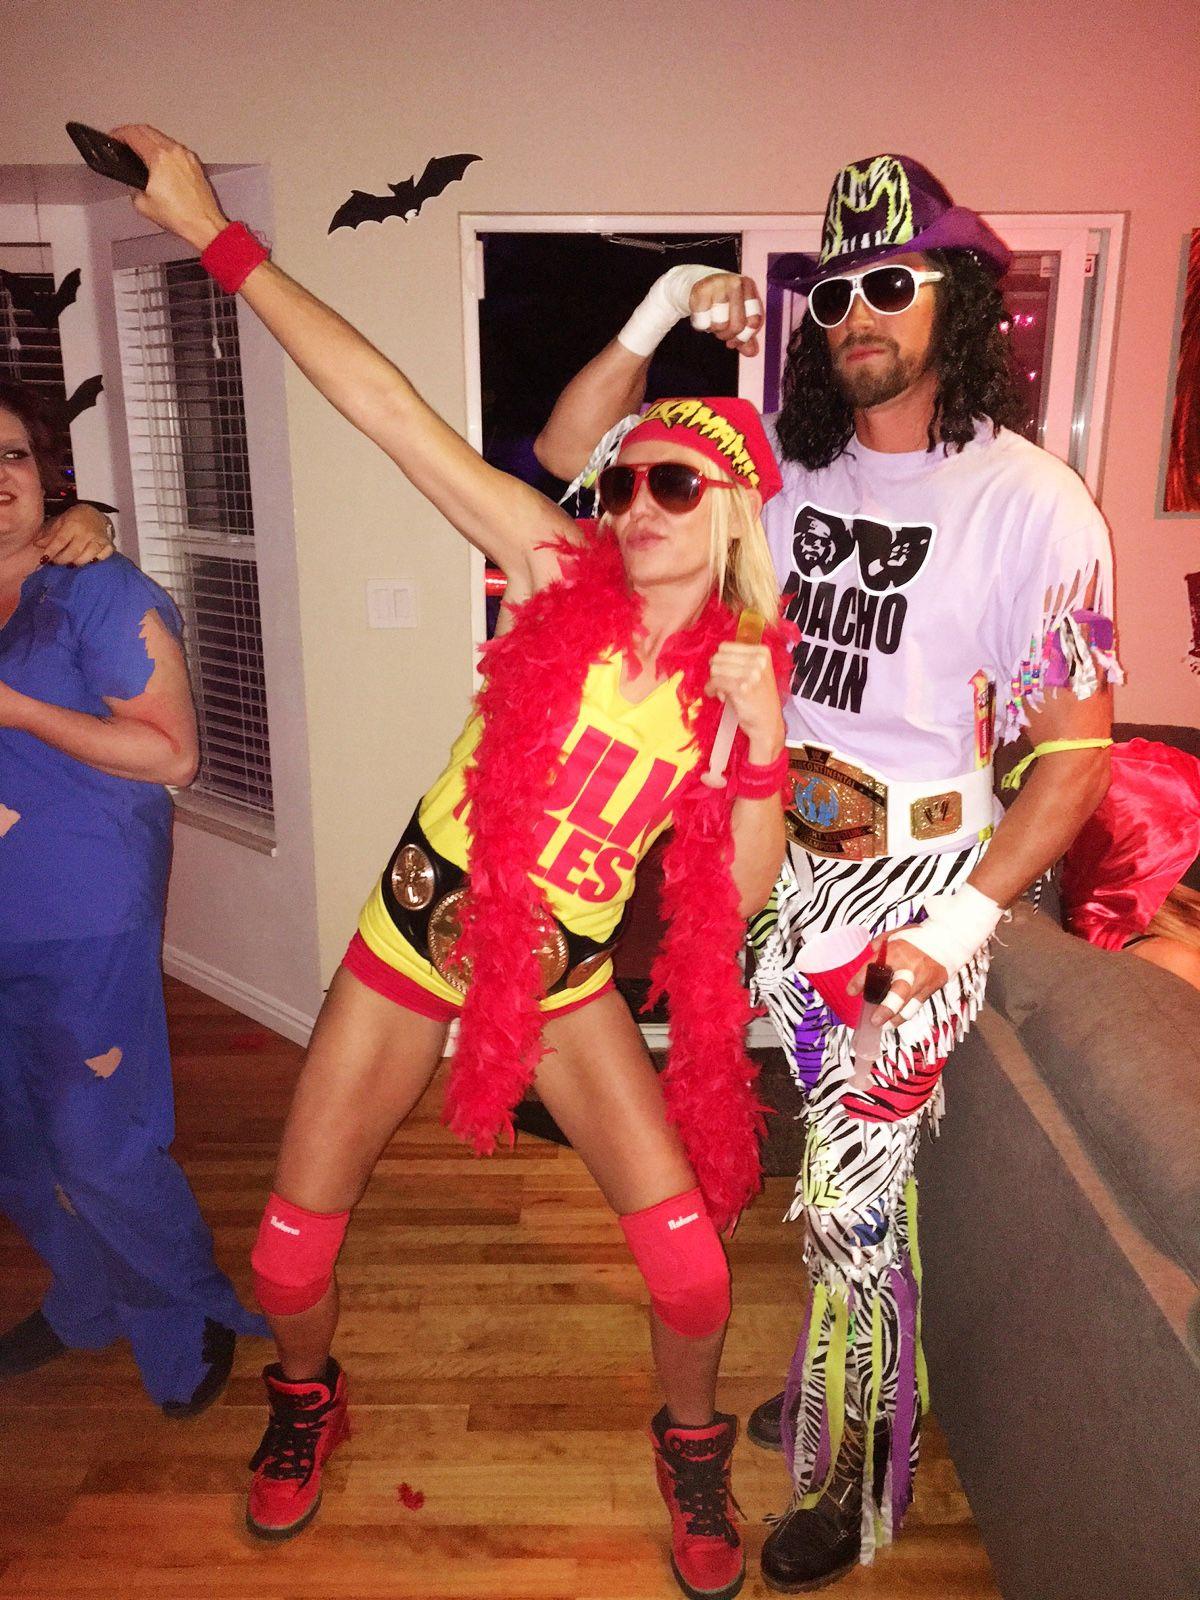 Wwe Halloween Costume, Hulk Hogan